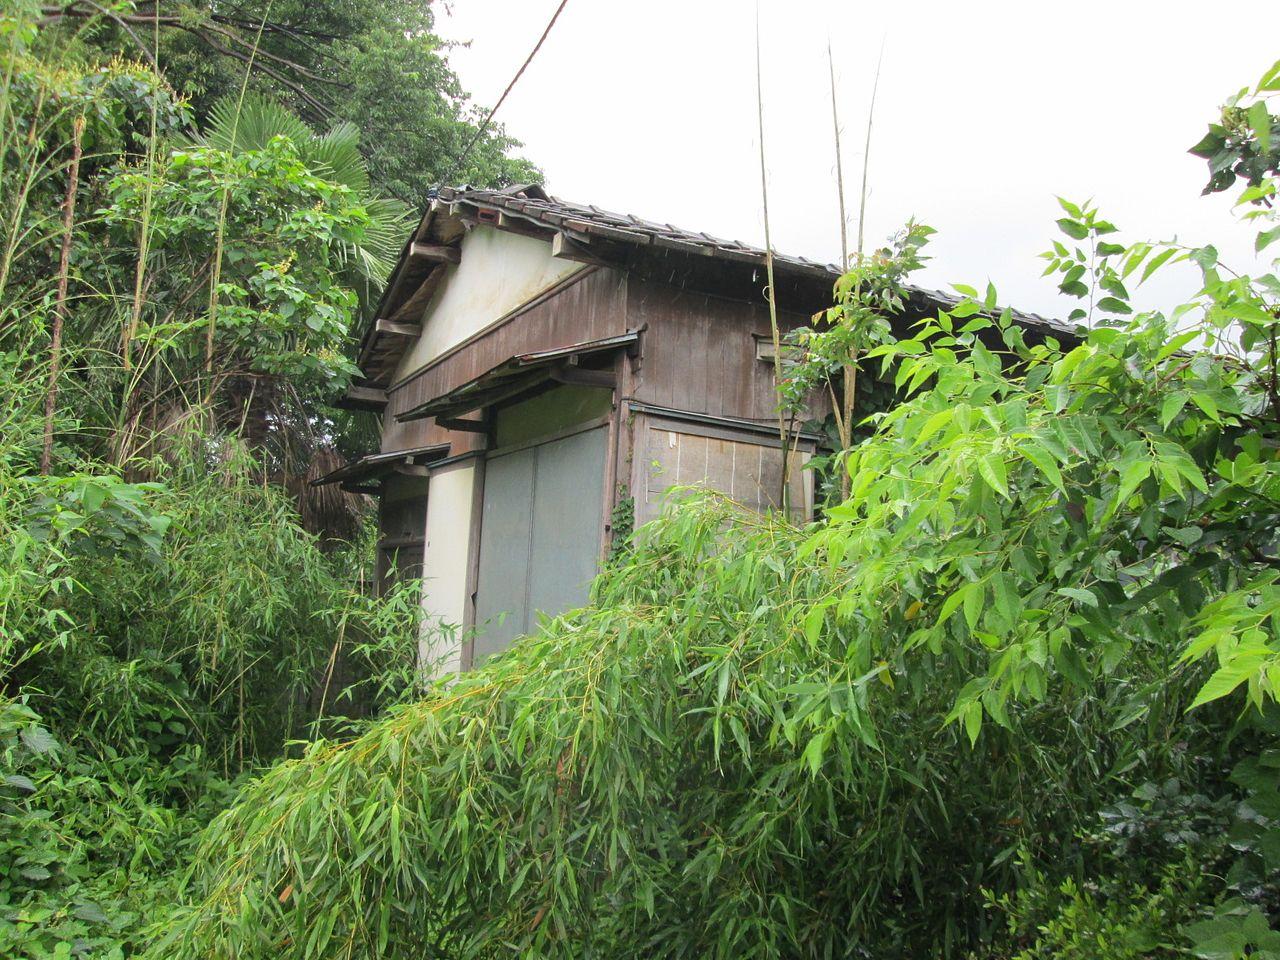 樹木や雑草に埋もれそうな空き家です。